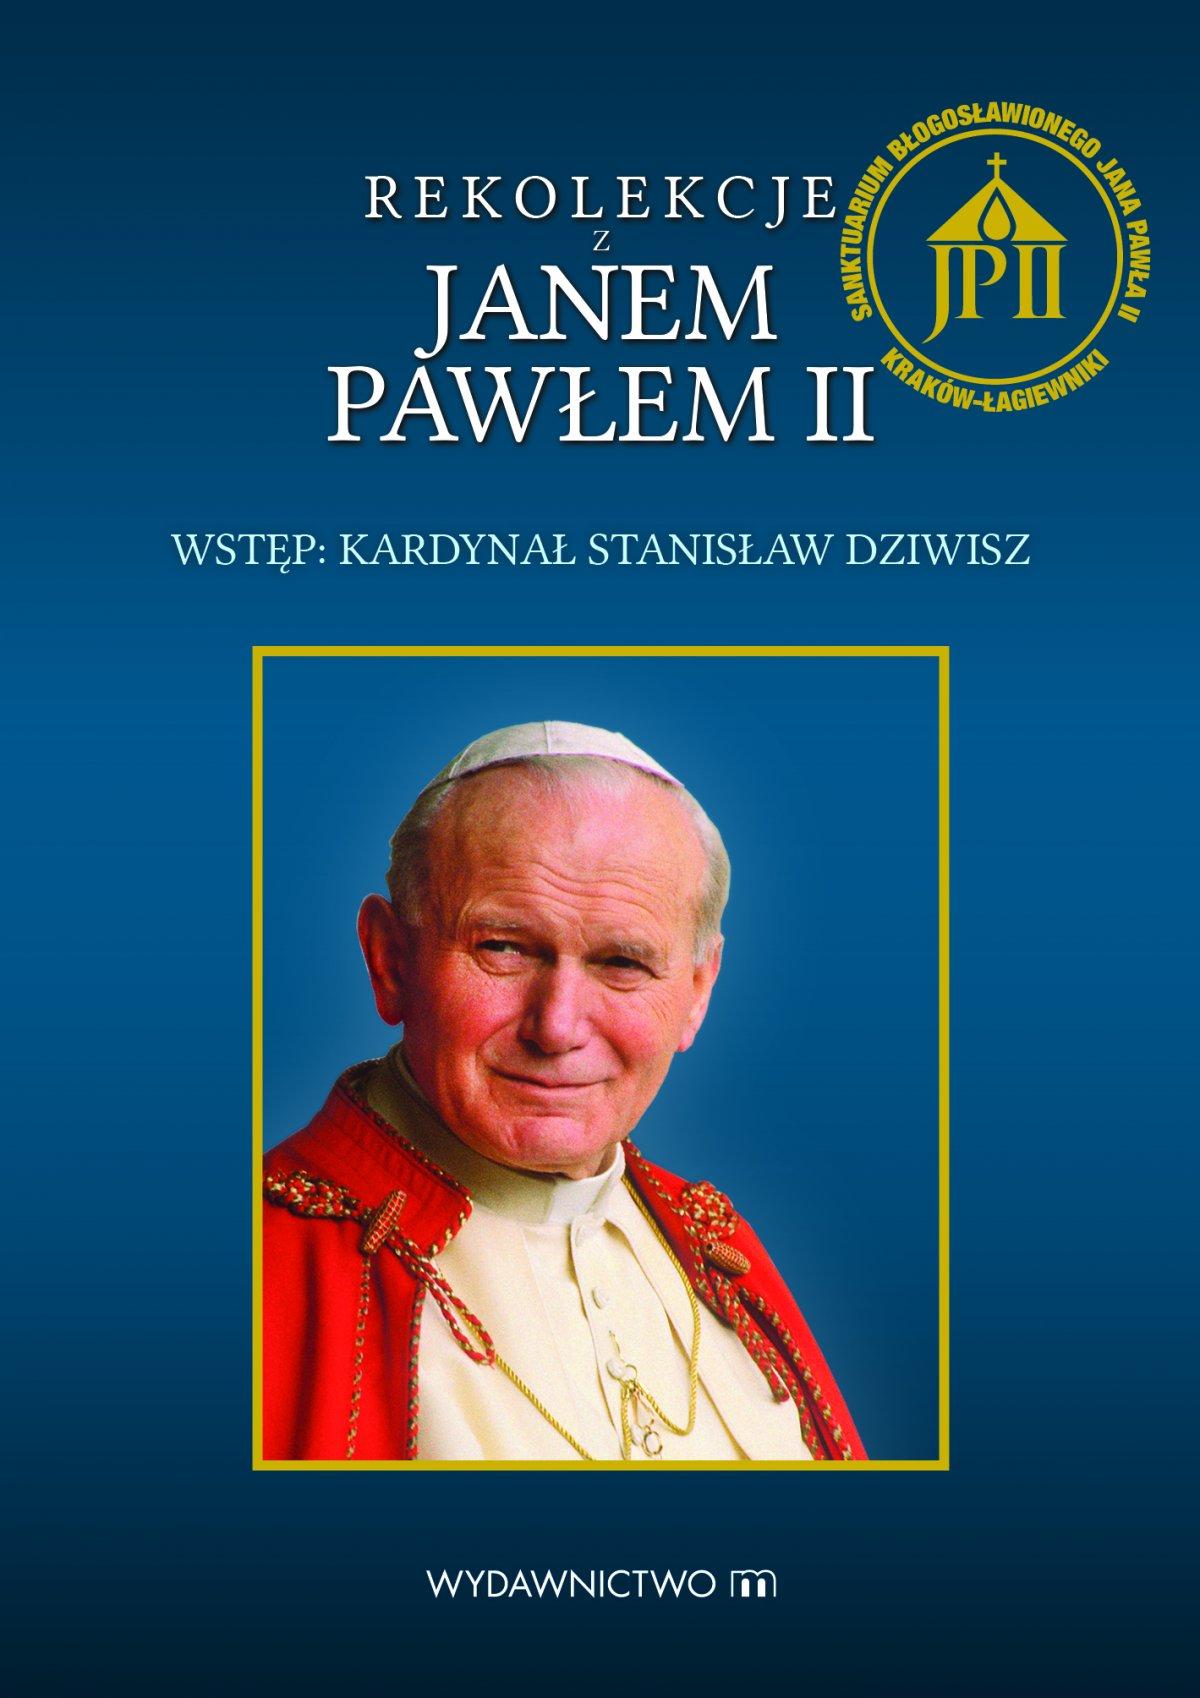 Rekolekcje z Janem Pawłem II - Ebook (Książka na Kindle) do pobrania w formacie MOBI